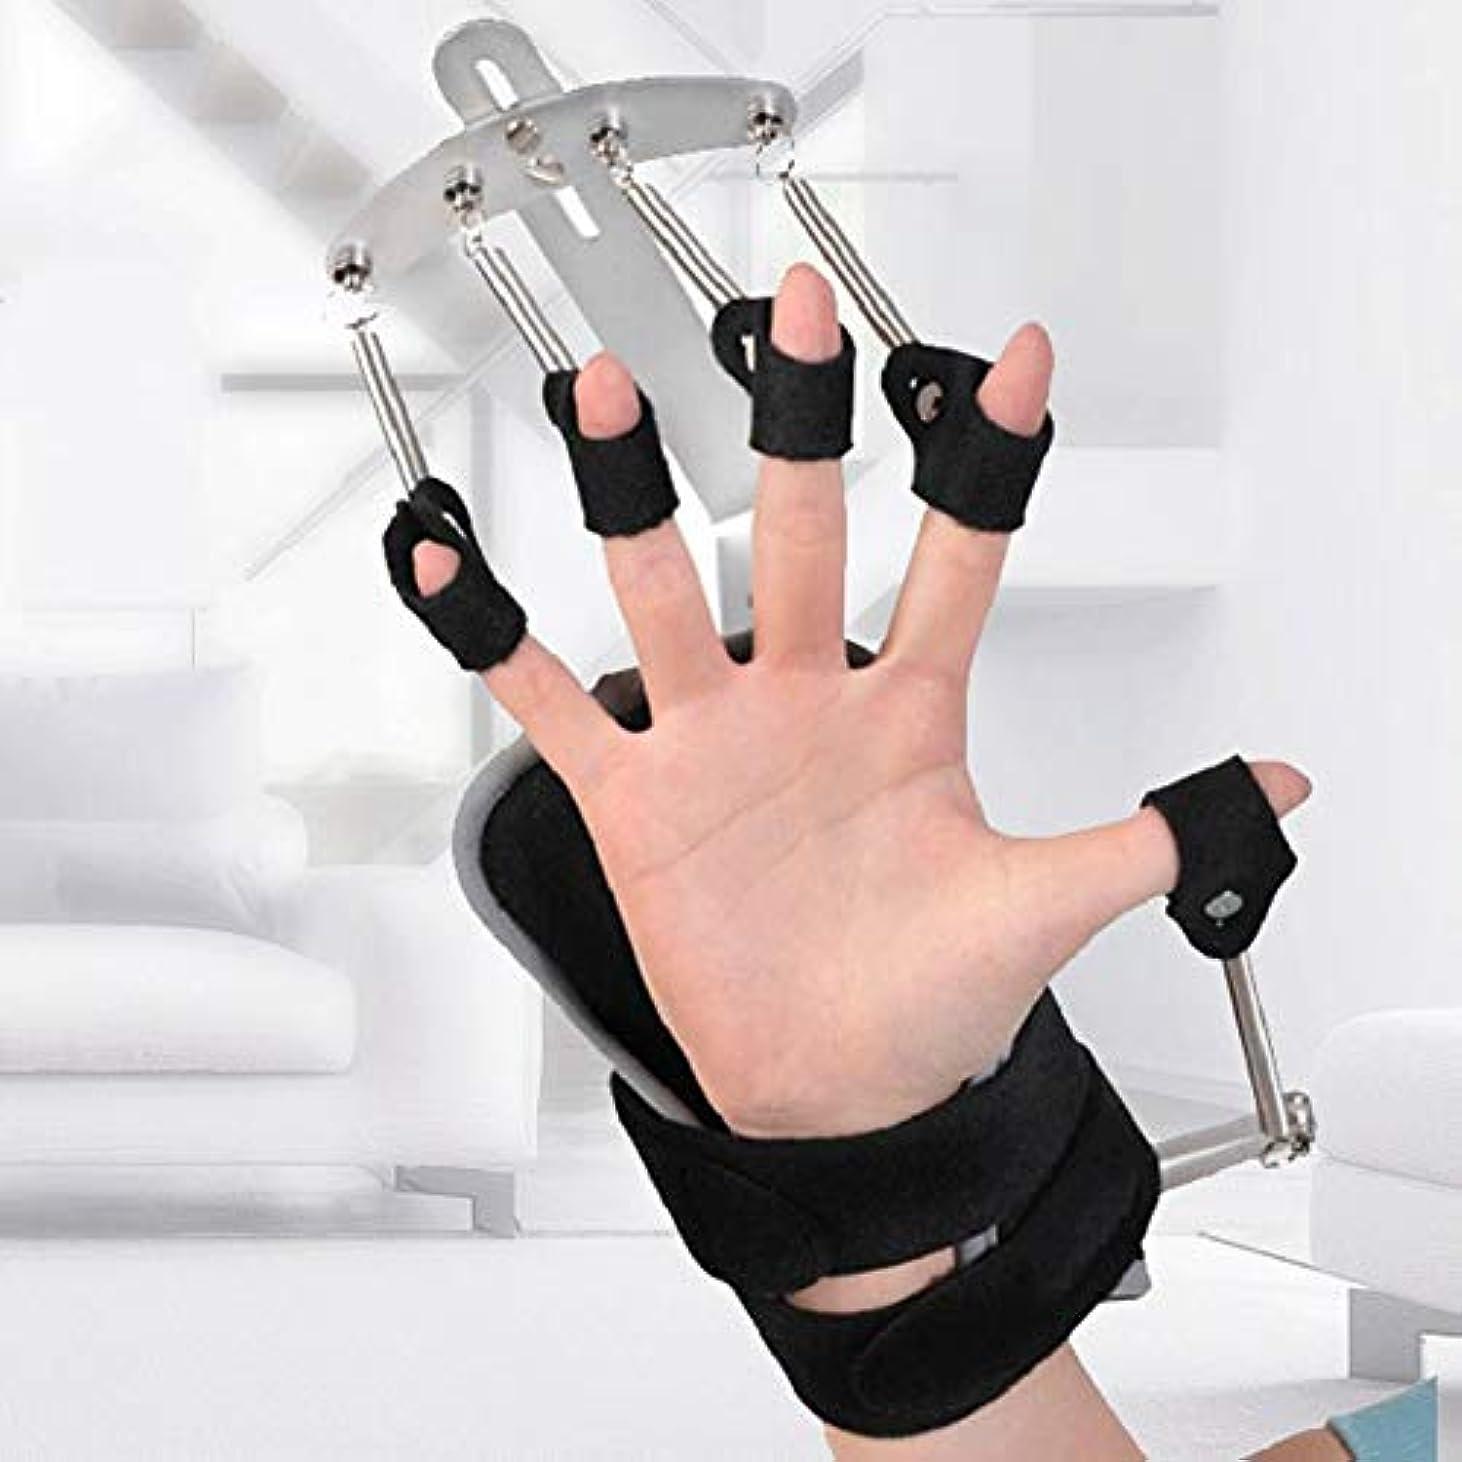 の面では常習的混合した脳卒中片麻痺患者のあこがれ演習の修理のためにリハビリテーションインソールを、指、インソールポイントマニュアル手首トレーニング装具機器ブレース